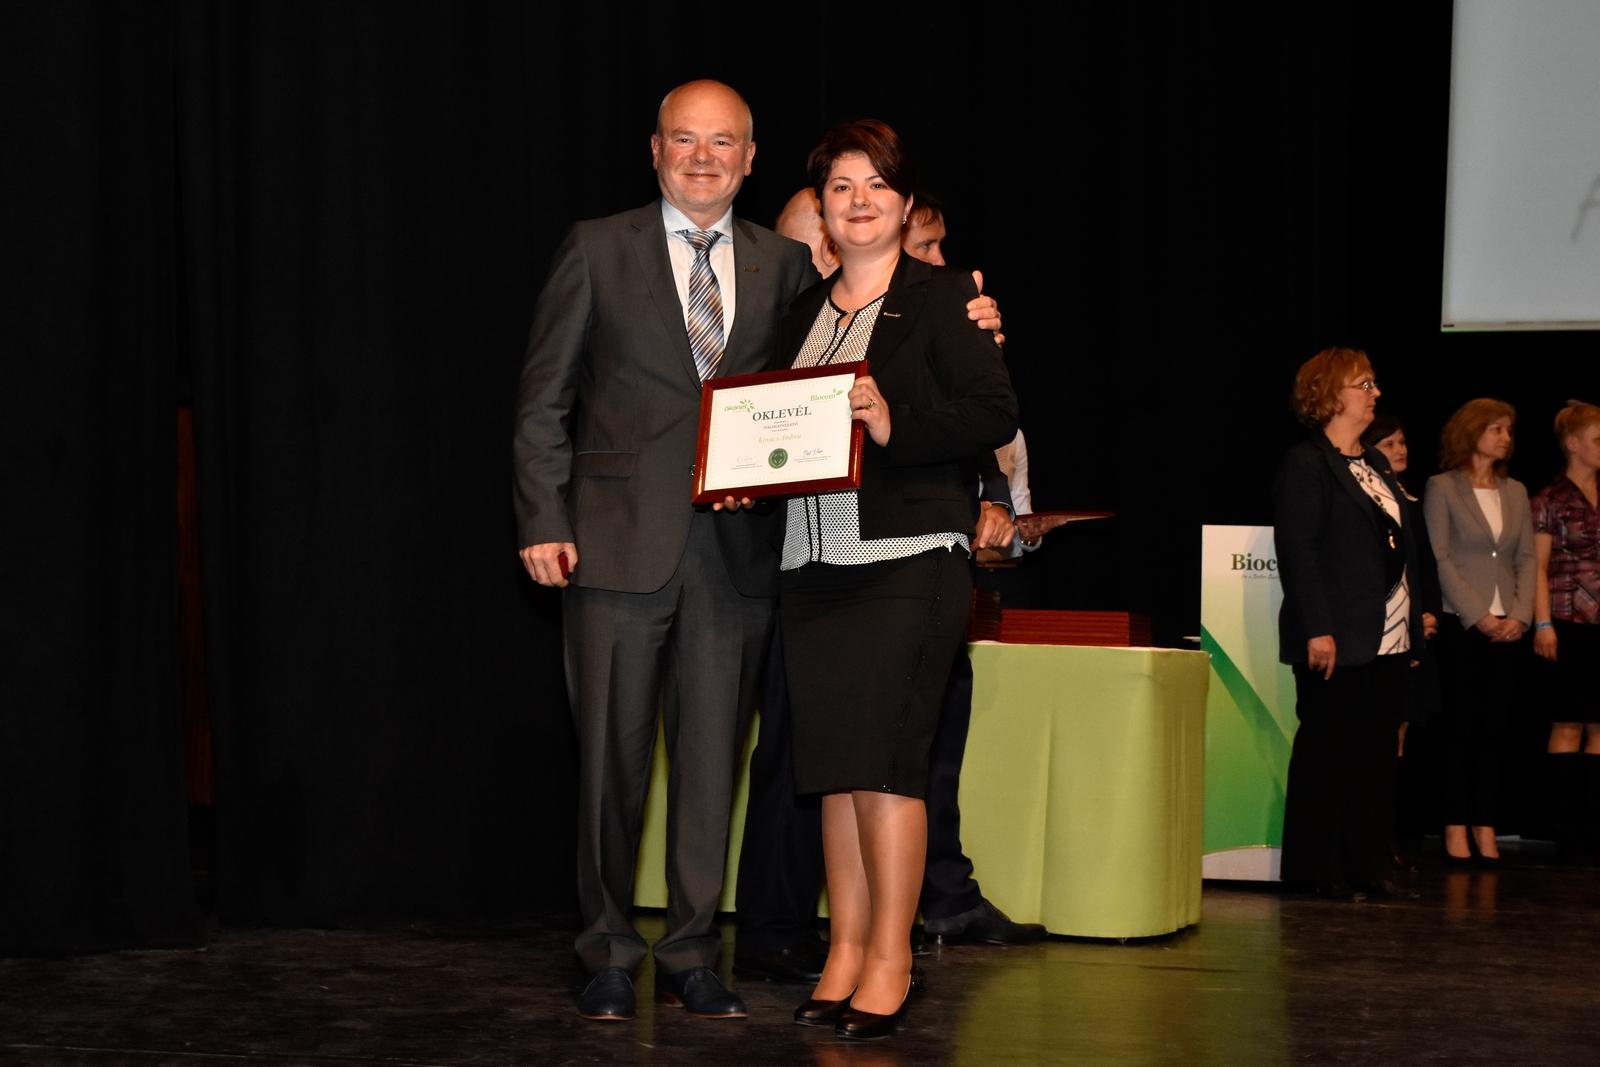 Kovács Andrea 2017. márciusában, a budapesti Kongresszusi Központban, a nemzetközi nagyrendezvényen a HV-oklevél átvételekor felső ágvezetőjével, Kónya Györggyel